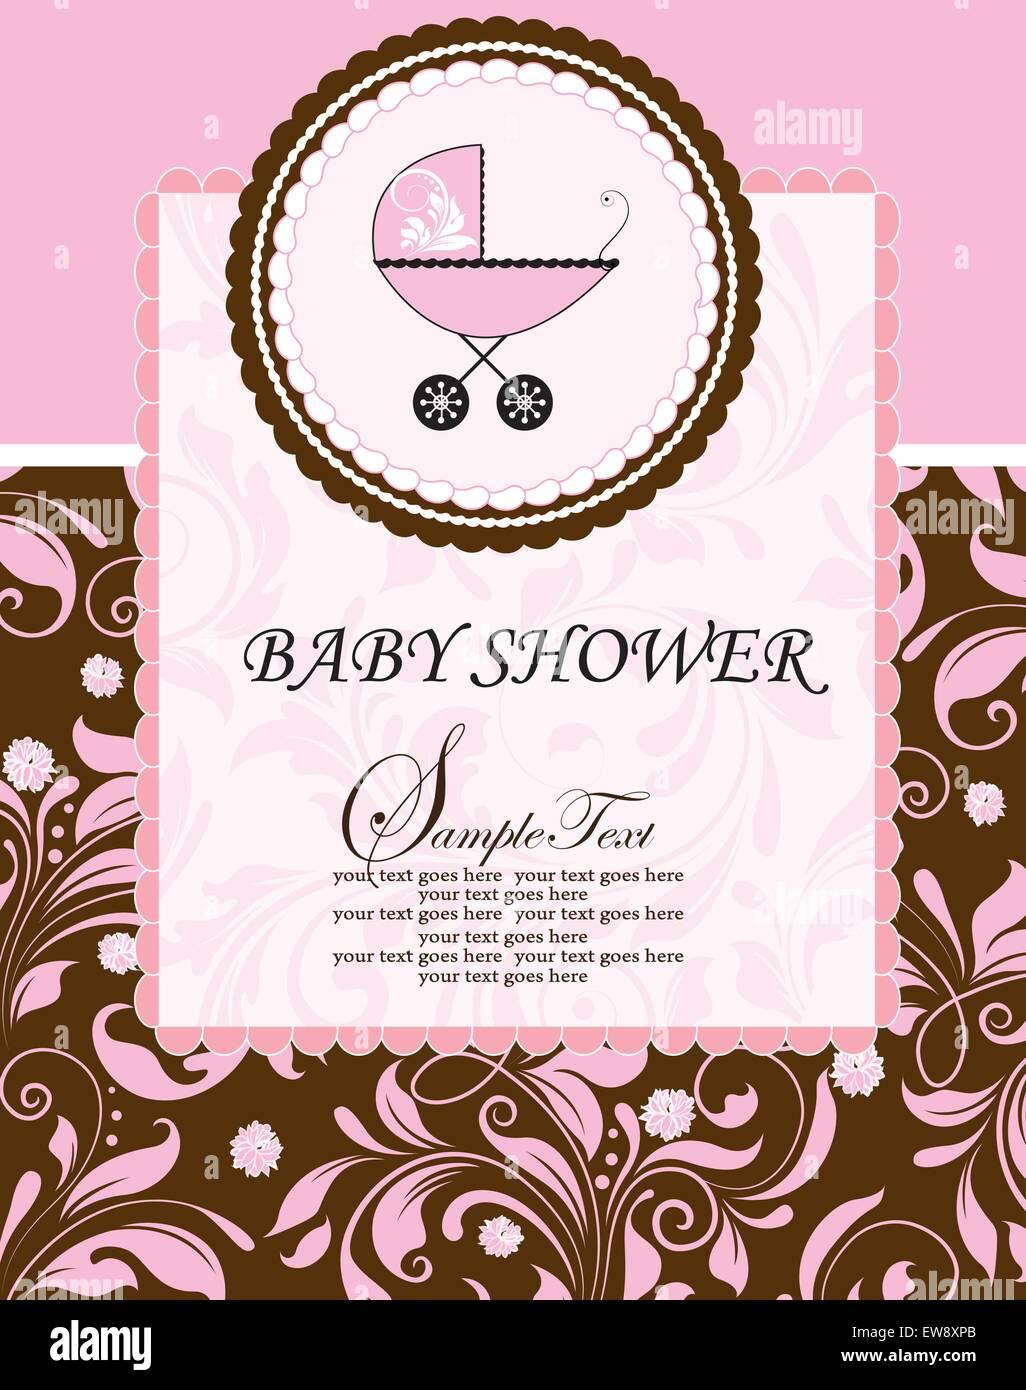 Tarjeta De Invitación De Baby Shower Vintage Adornado Con